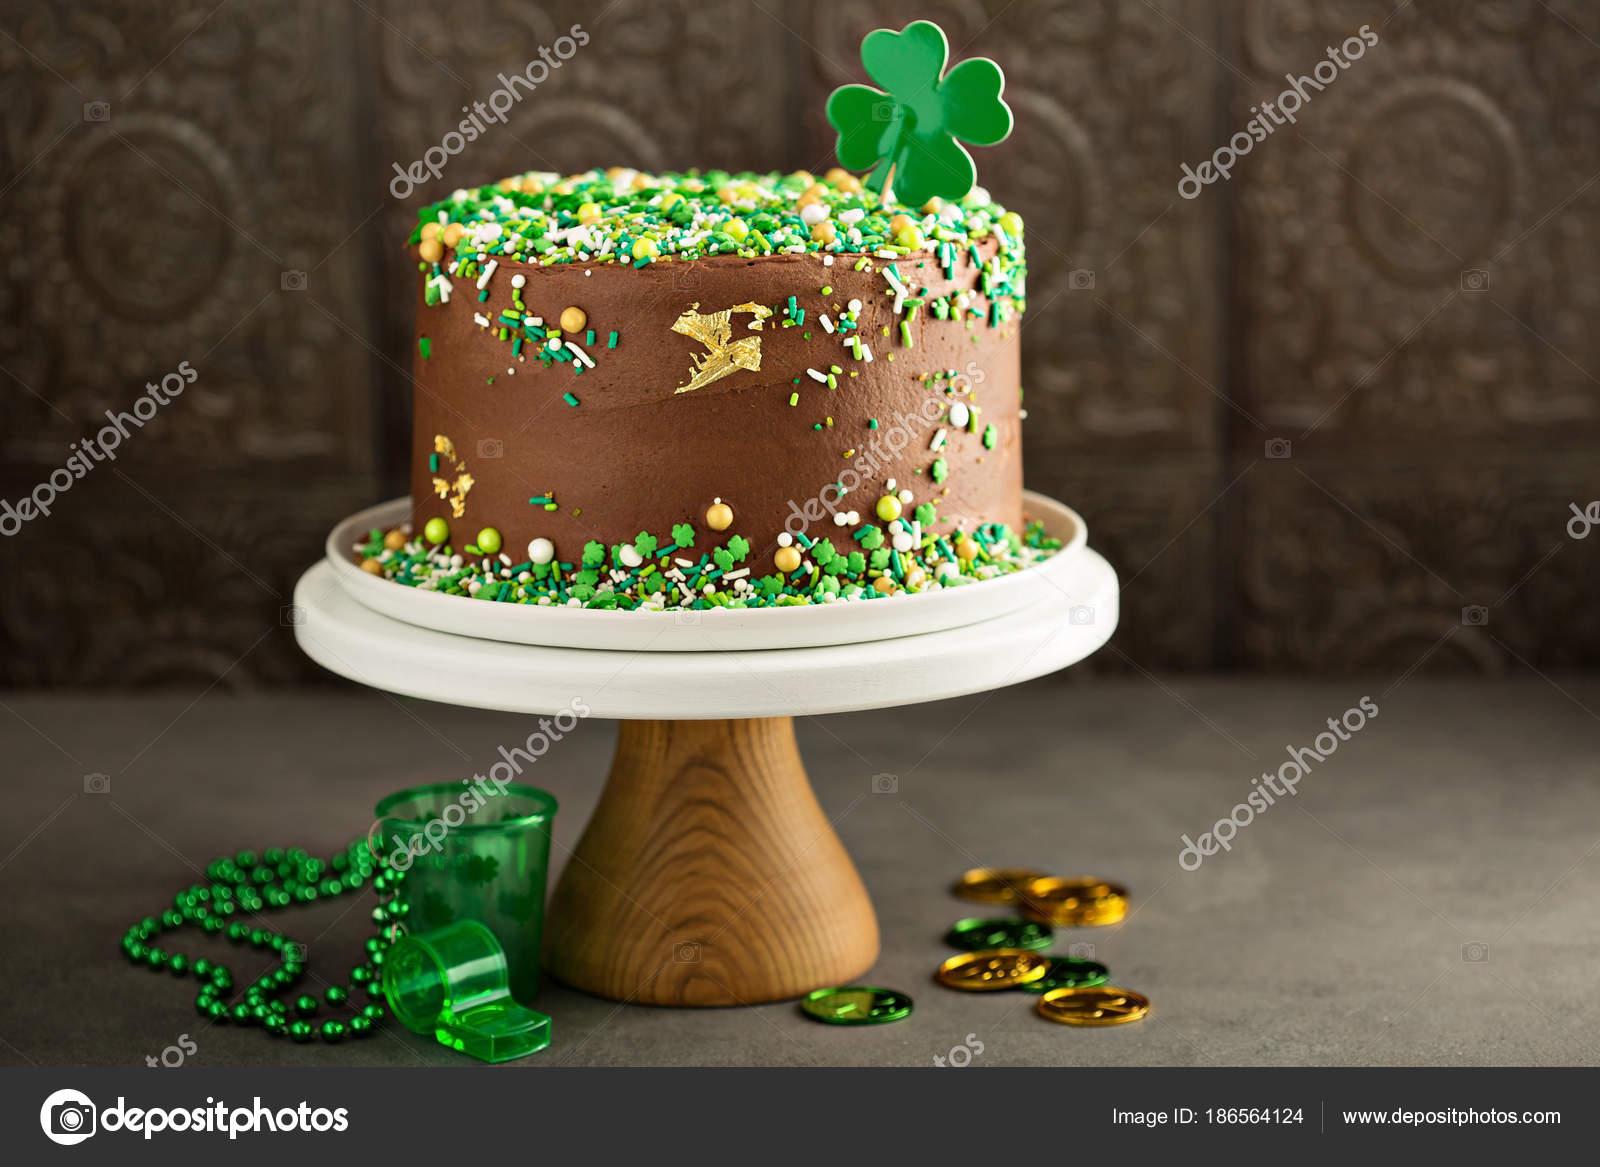 Cool Images Irish Birthday Cake St Patricks Day Chocolate Cake Personalised Birthday Cards Veneteletsinfo